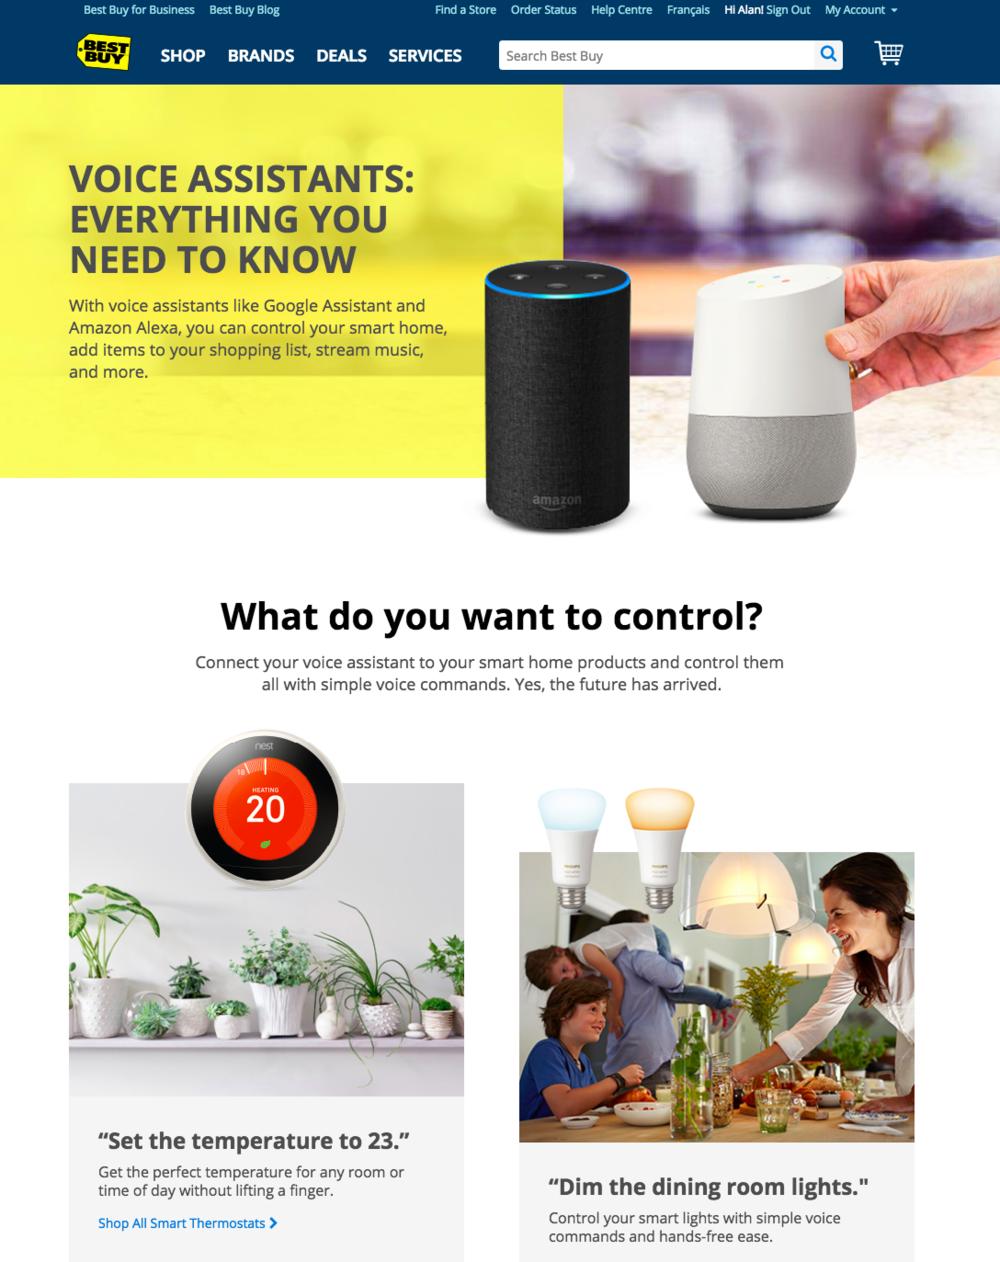 voice_assistants.png